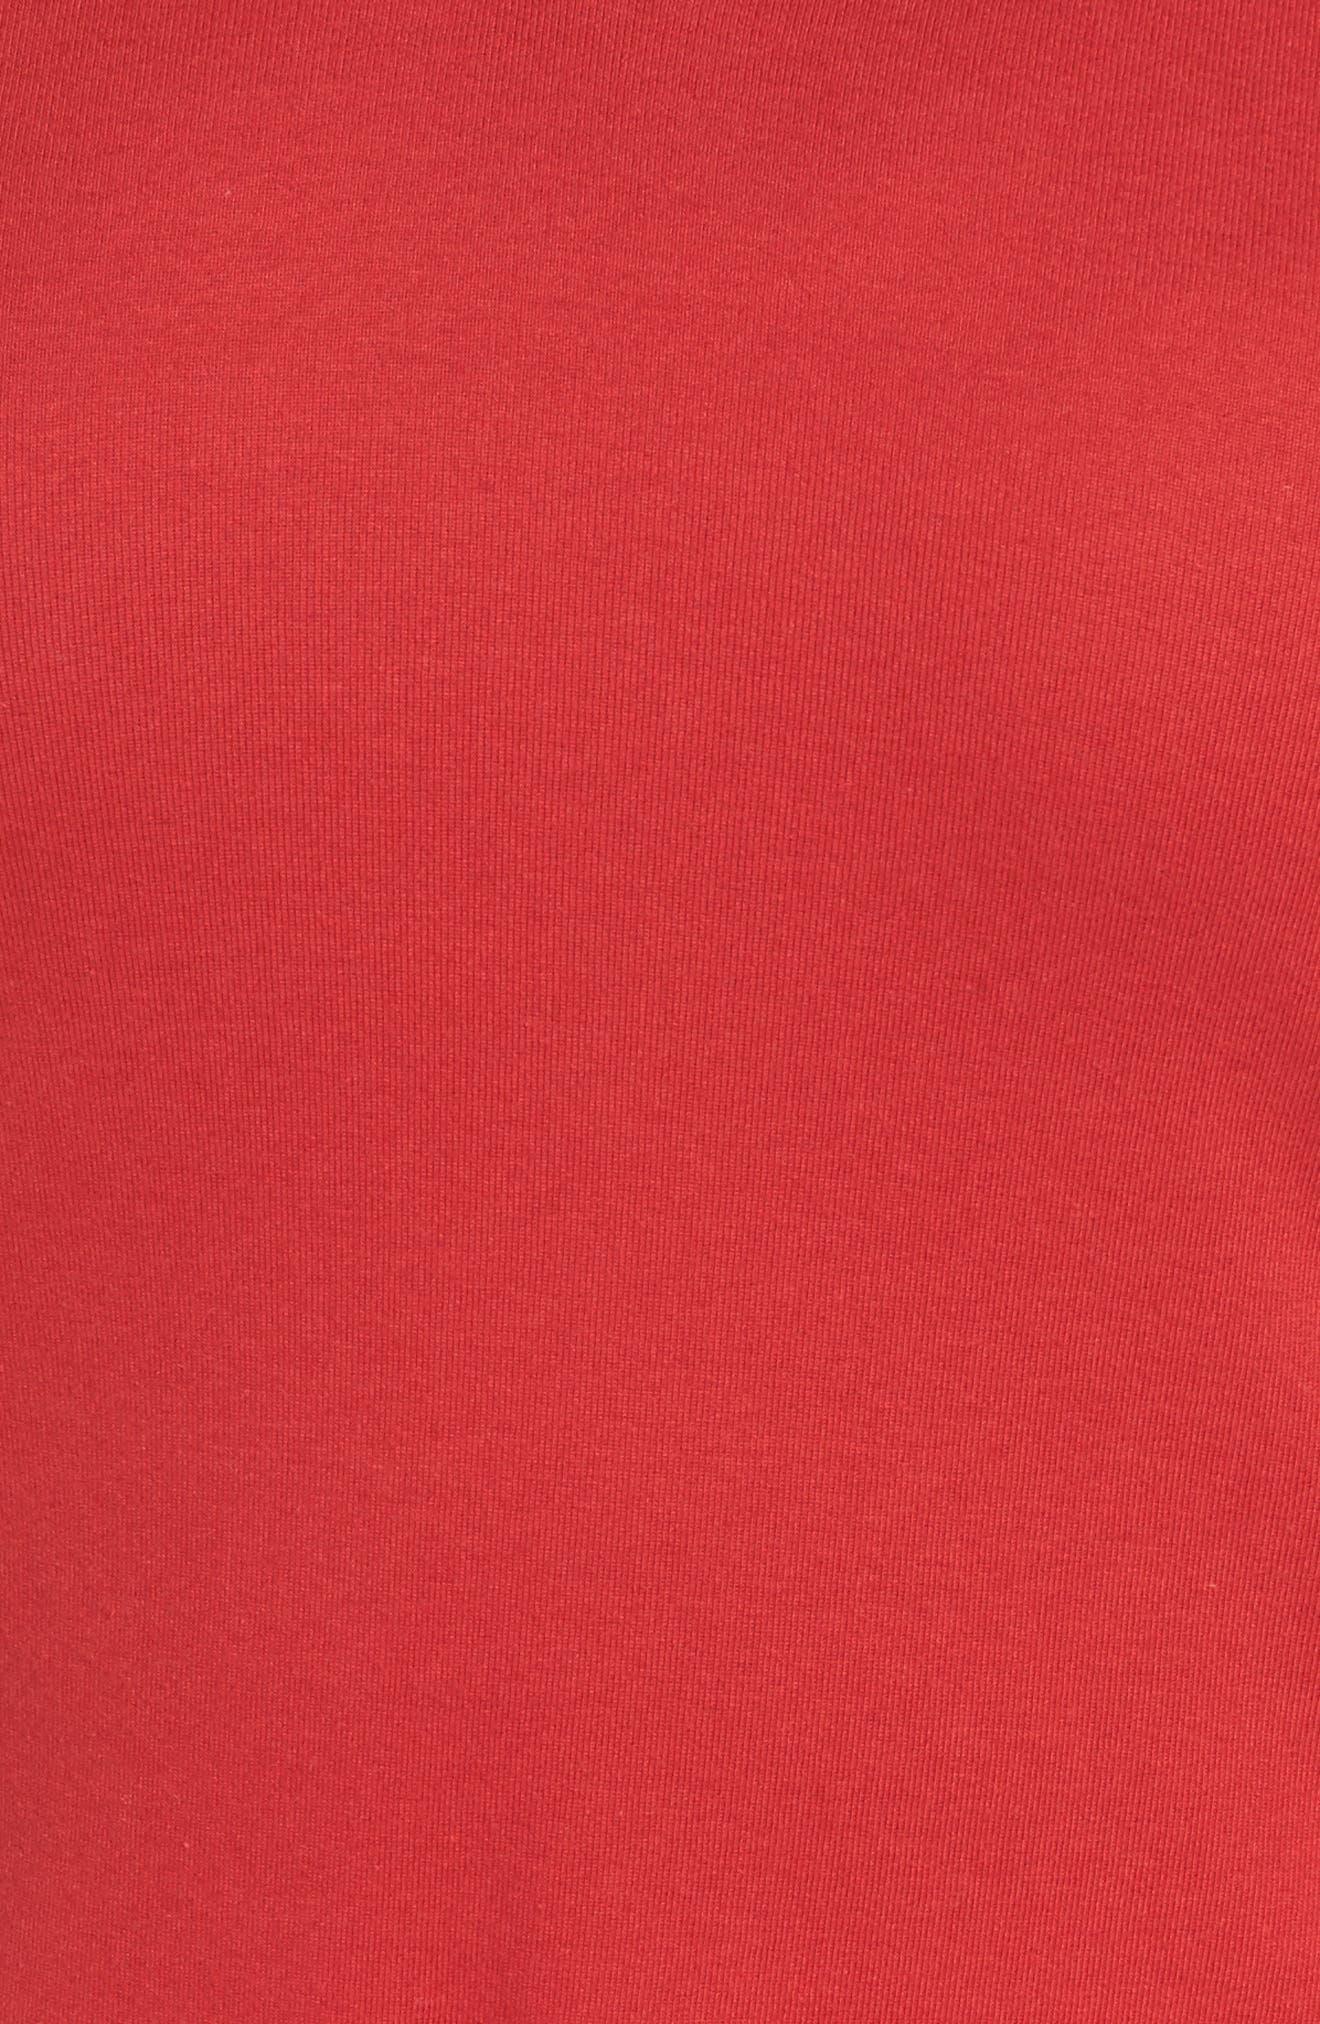 Short Sleeve V-Neck Tee,                             Alternate thumbnail 163, color,